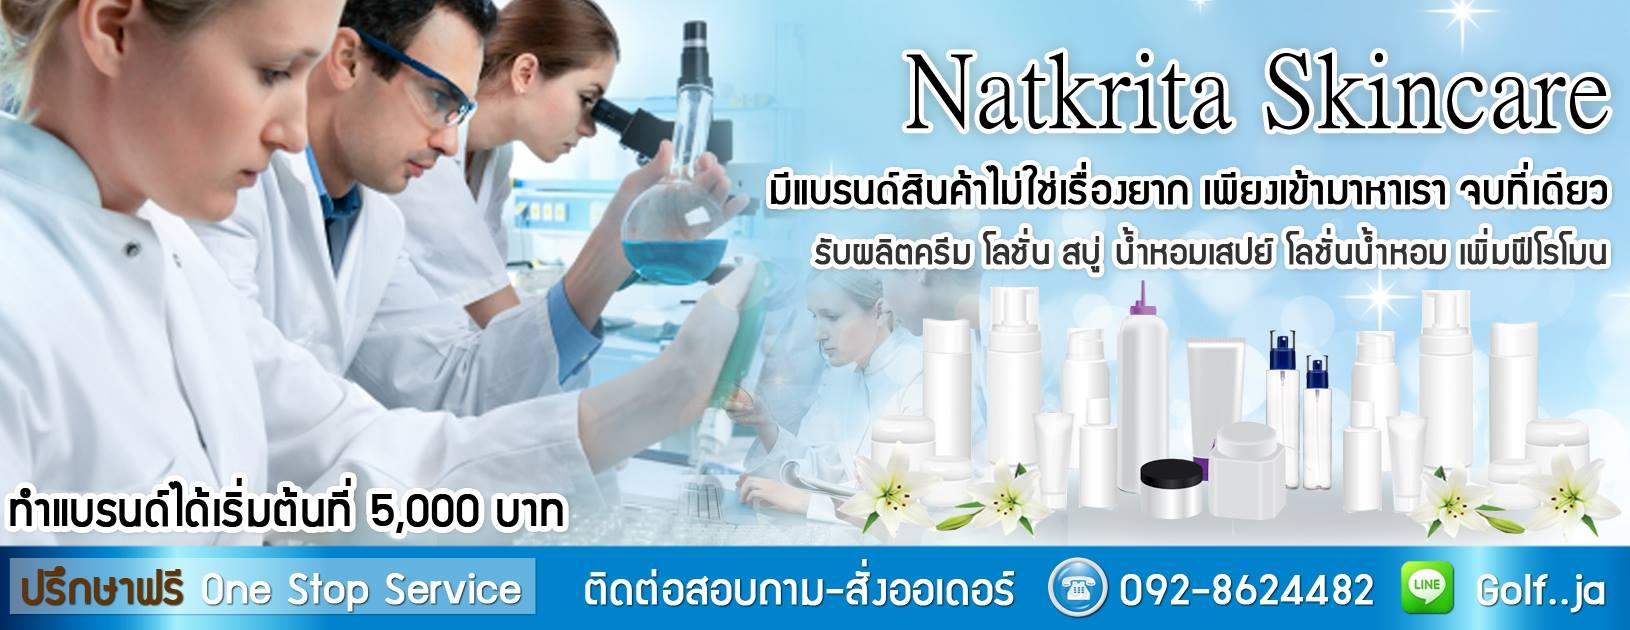 Natkrita Skincare